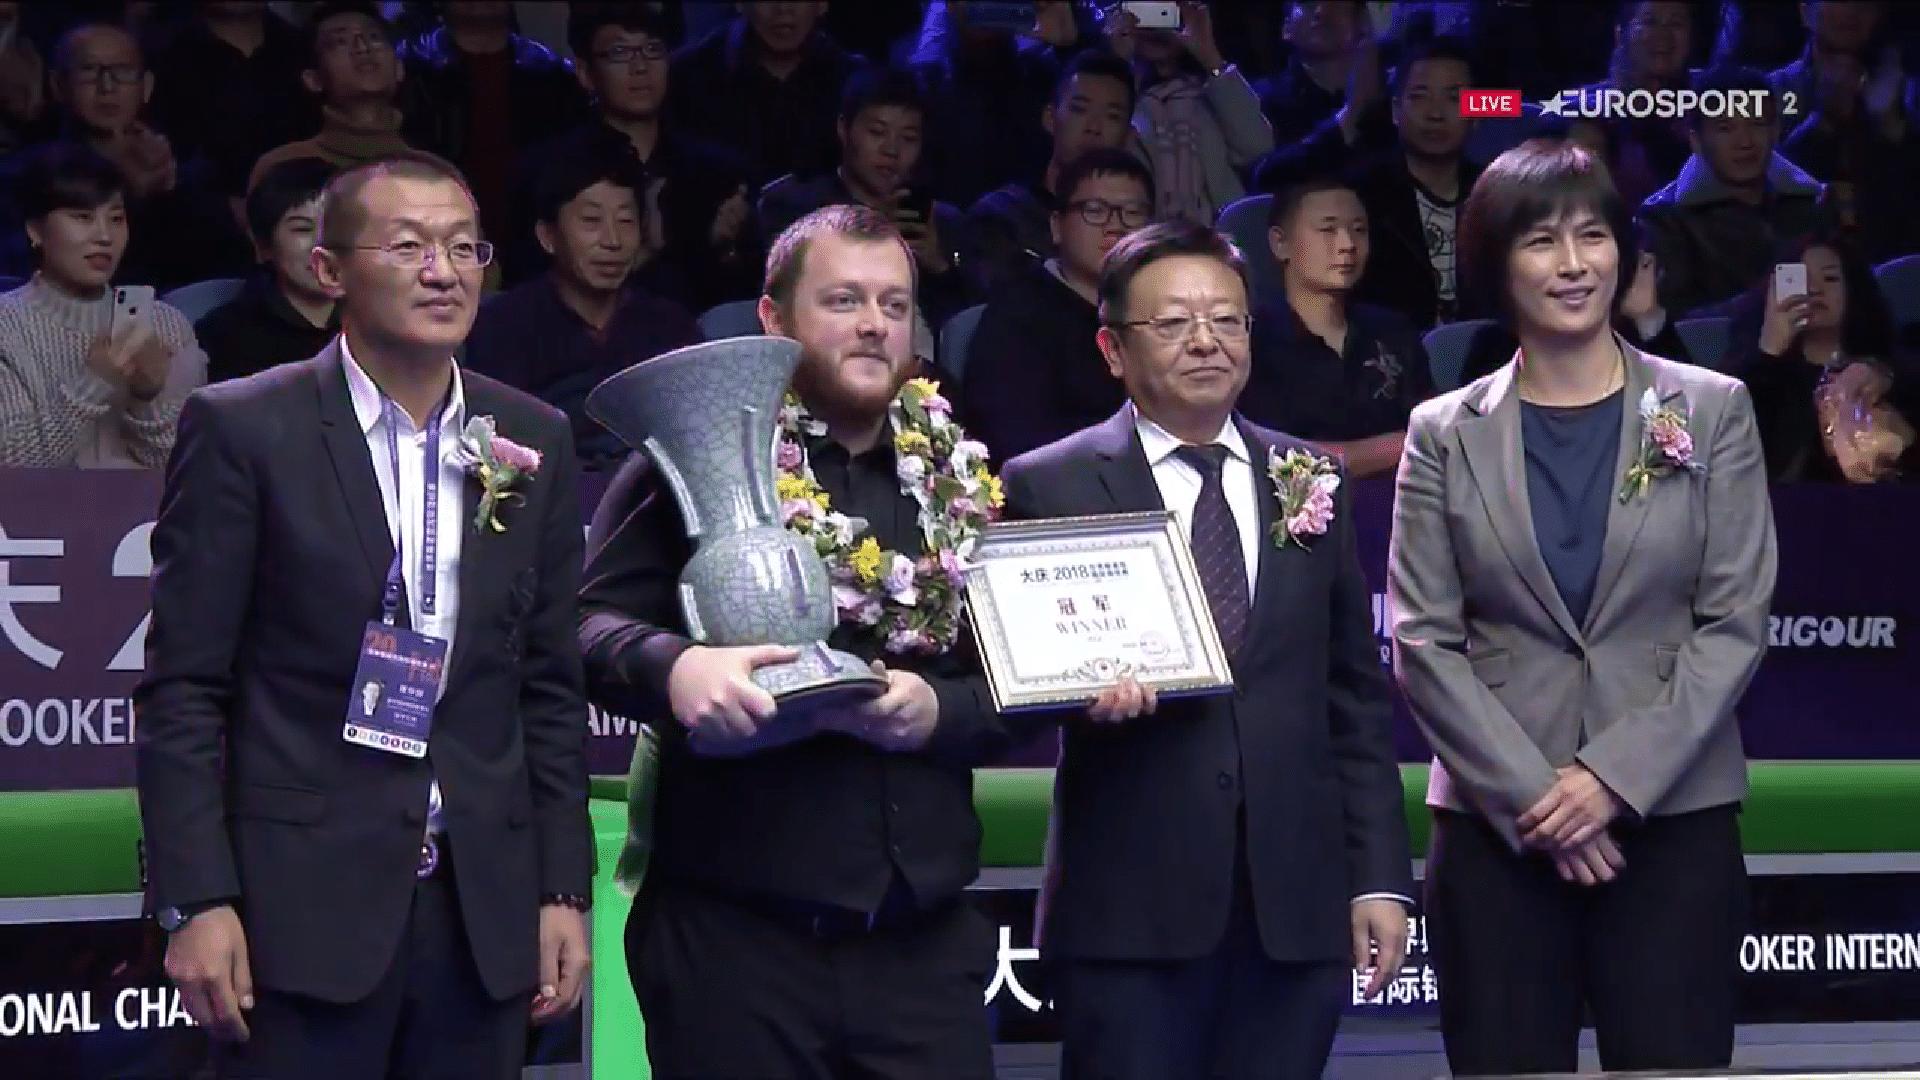 Century-tykki Allen International Championshipin mestaruuteen